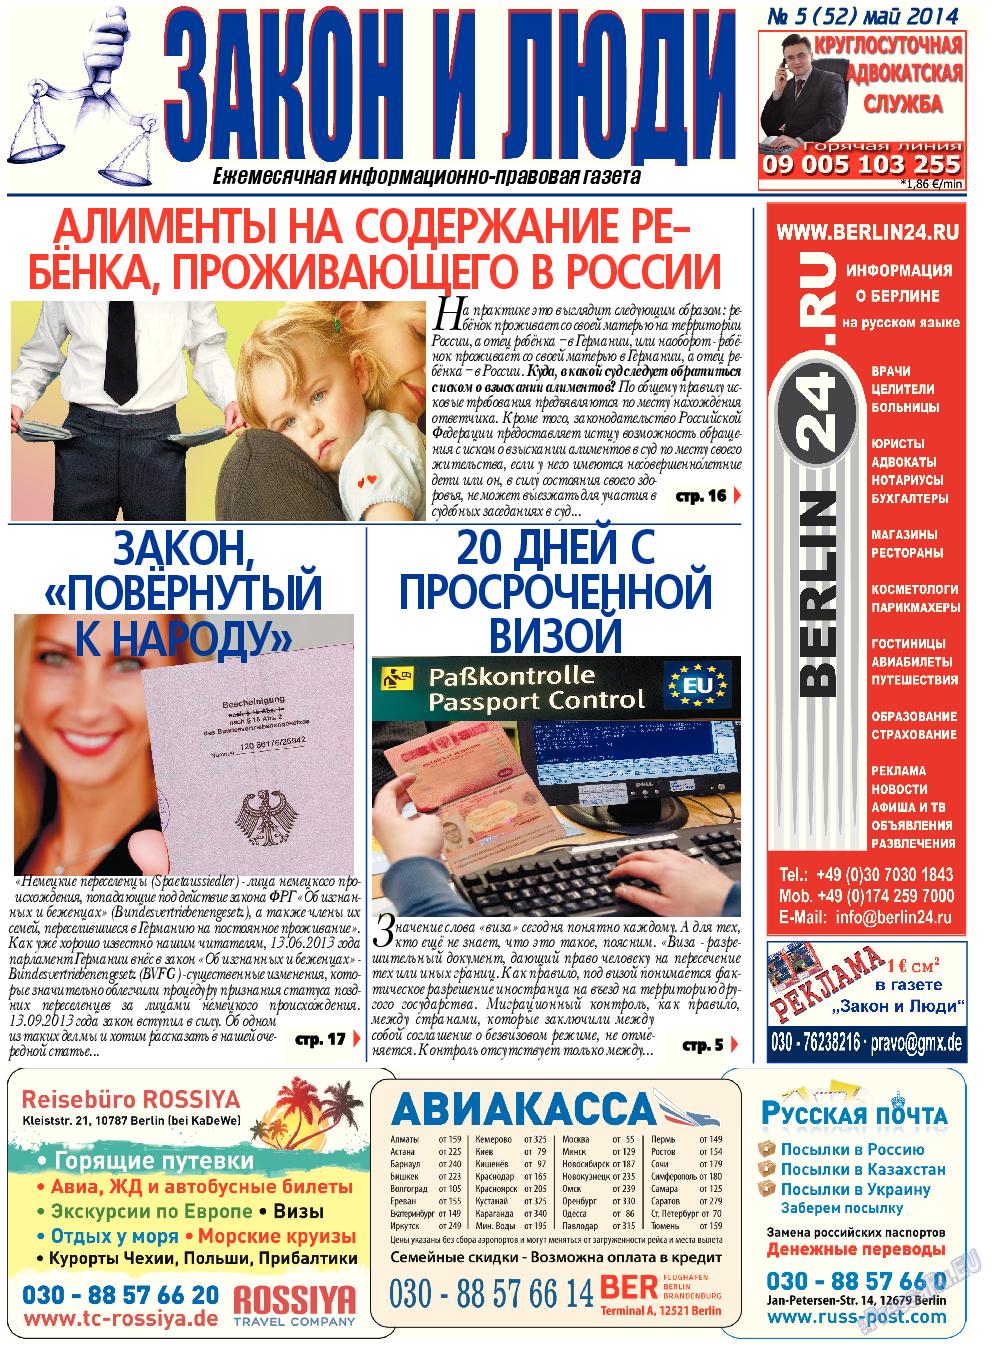 Закон и люди (газета). 2014 год, номер 5, стр. 1